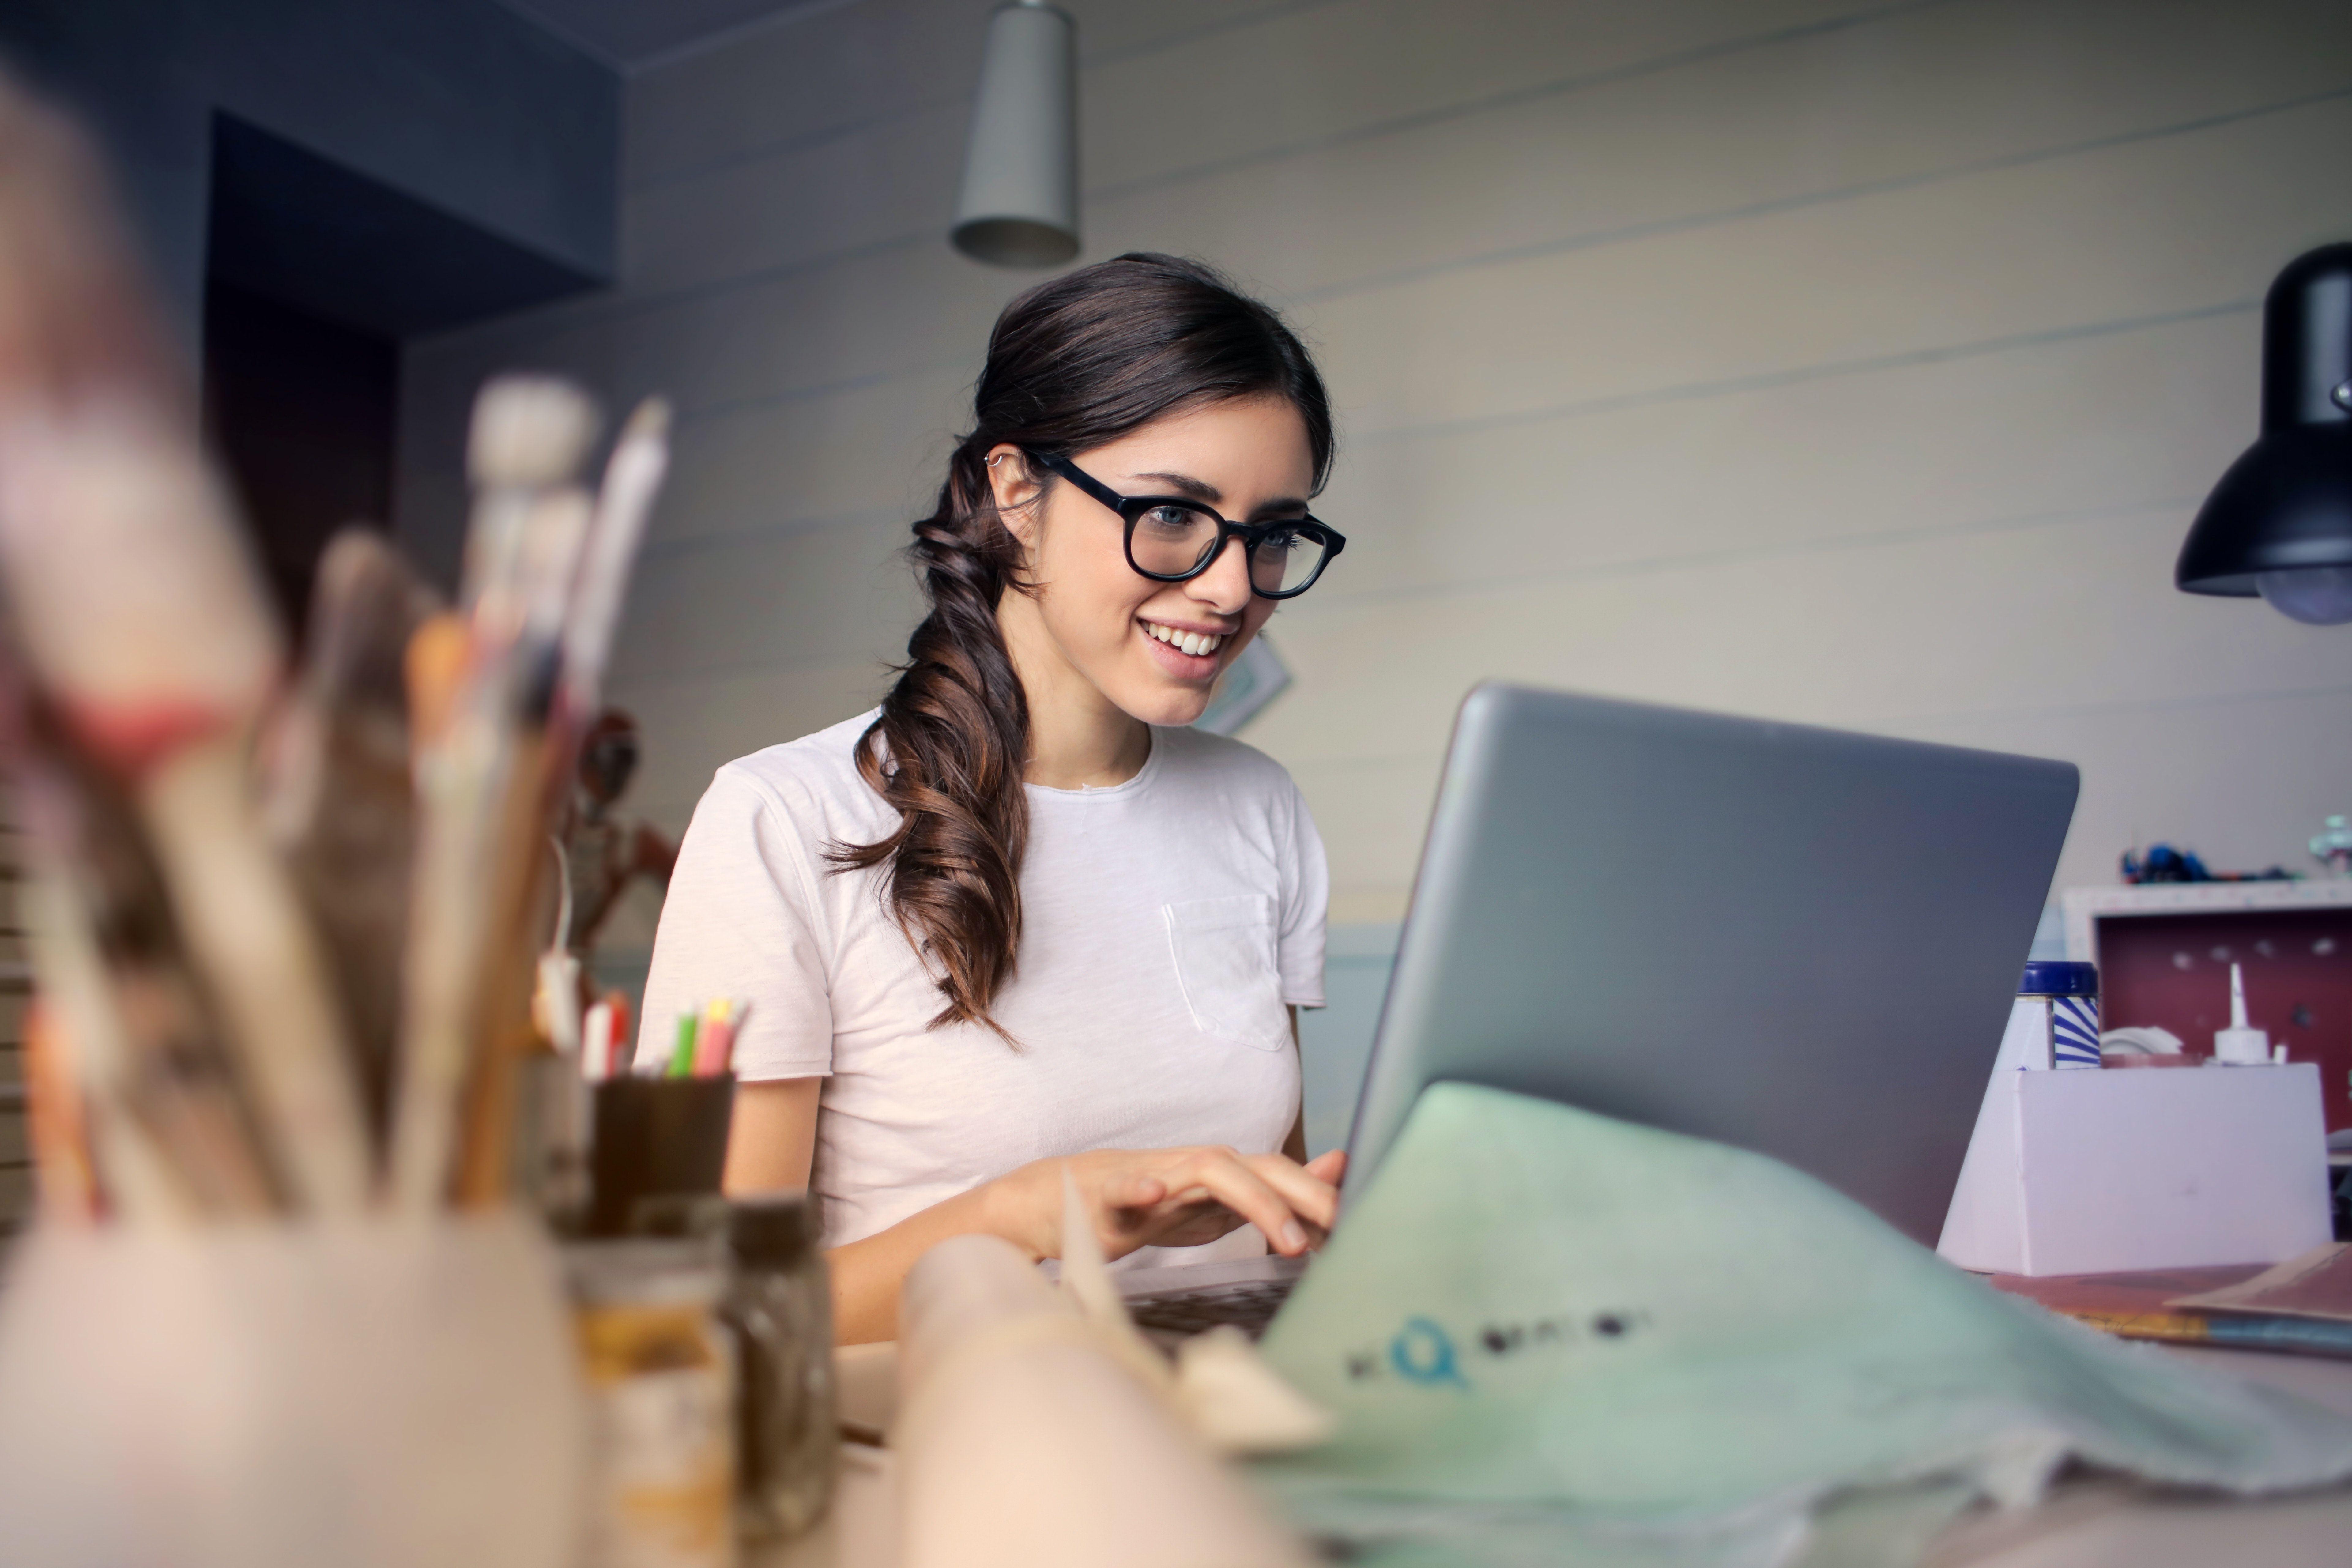 Donne e proprietà intellettuale: statistiche e prospettive